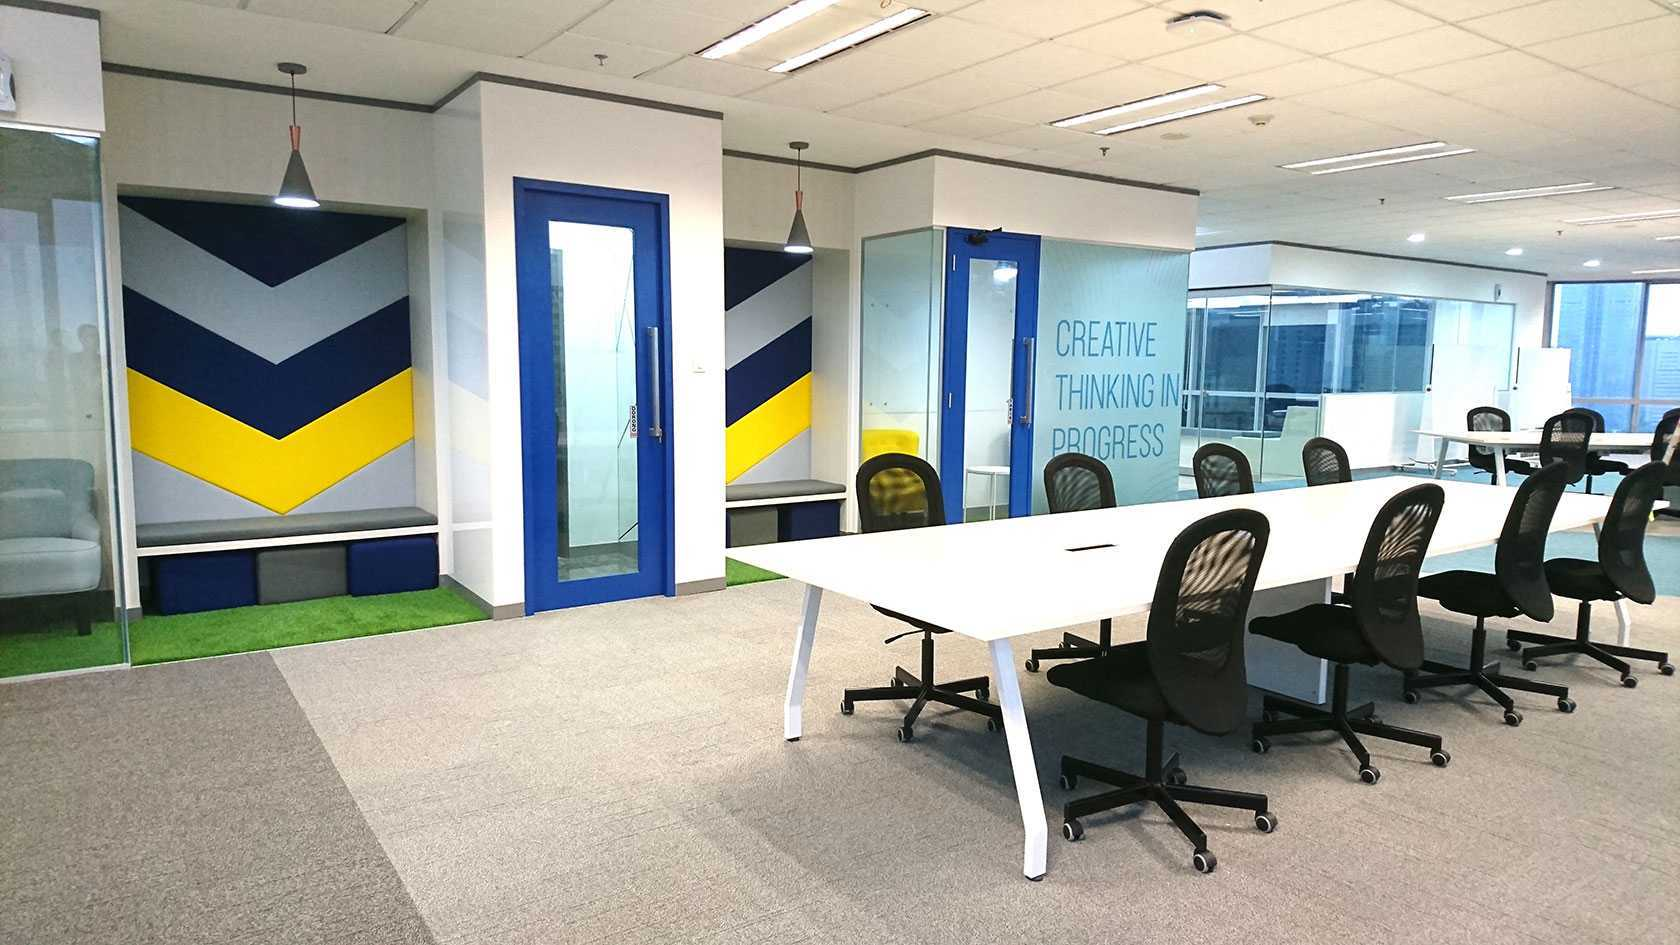 Arkadia Works Allianz Innovation Lab Jakarta, Daerah Khusus Ibukota Jakarta, Indonesia Jakarta, Daerah Khusus Ibukota Jakarta, Indonesia Arkadia-Works-Allianz-Innovation-Lab  73895